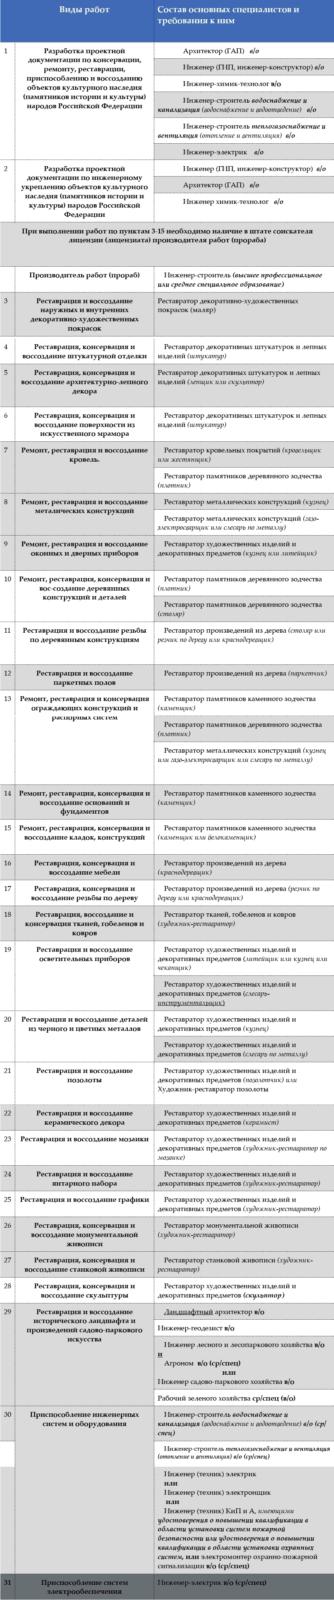 Виды работ и состав специалистов для получения реставрационной лицензии